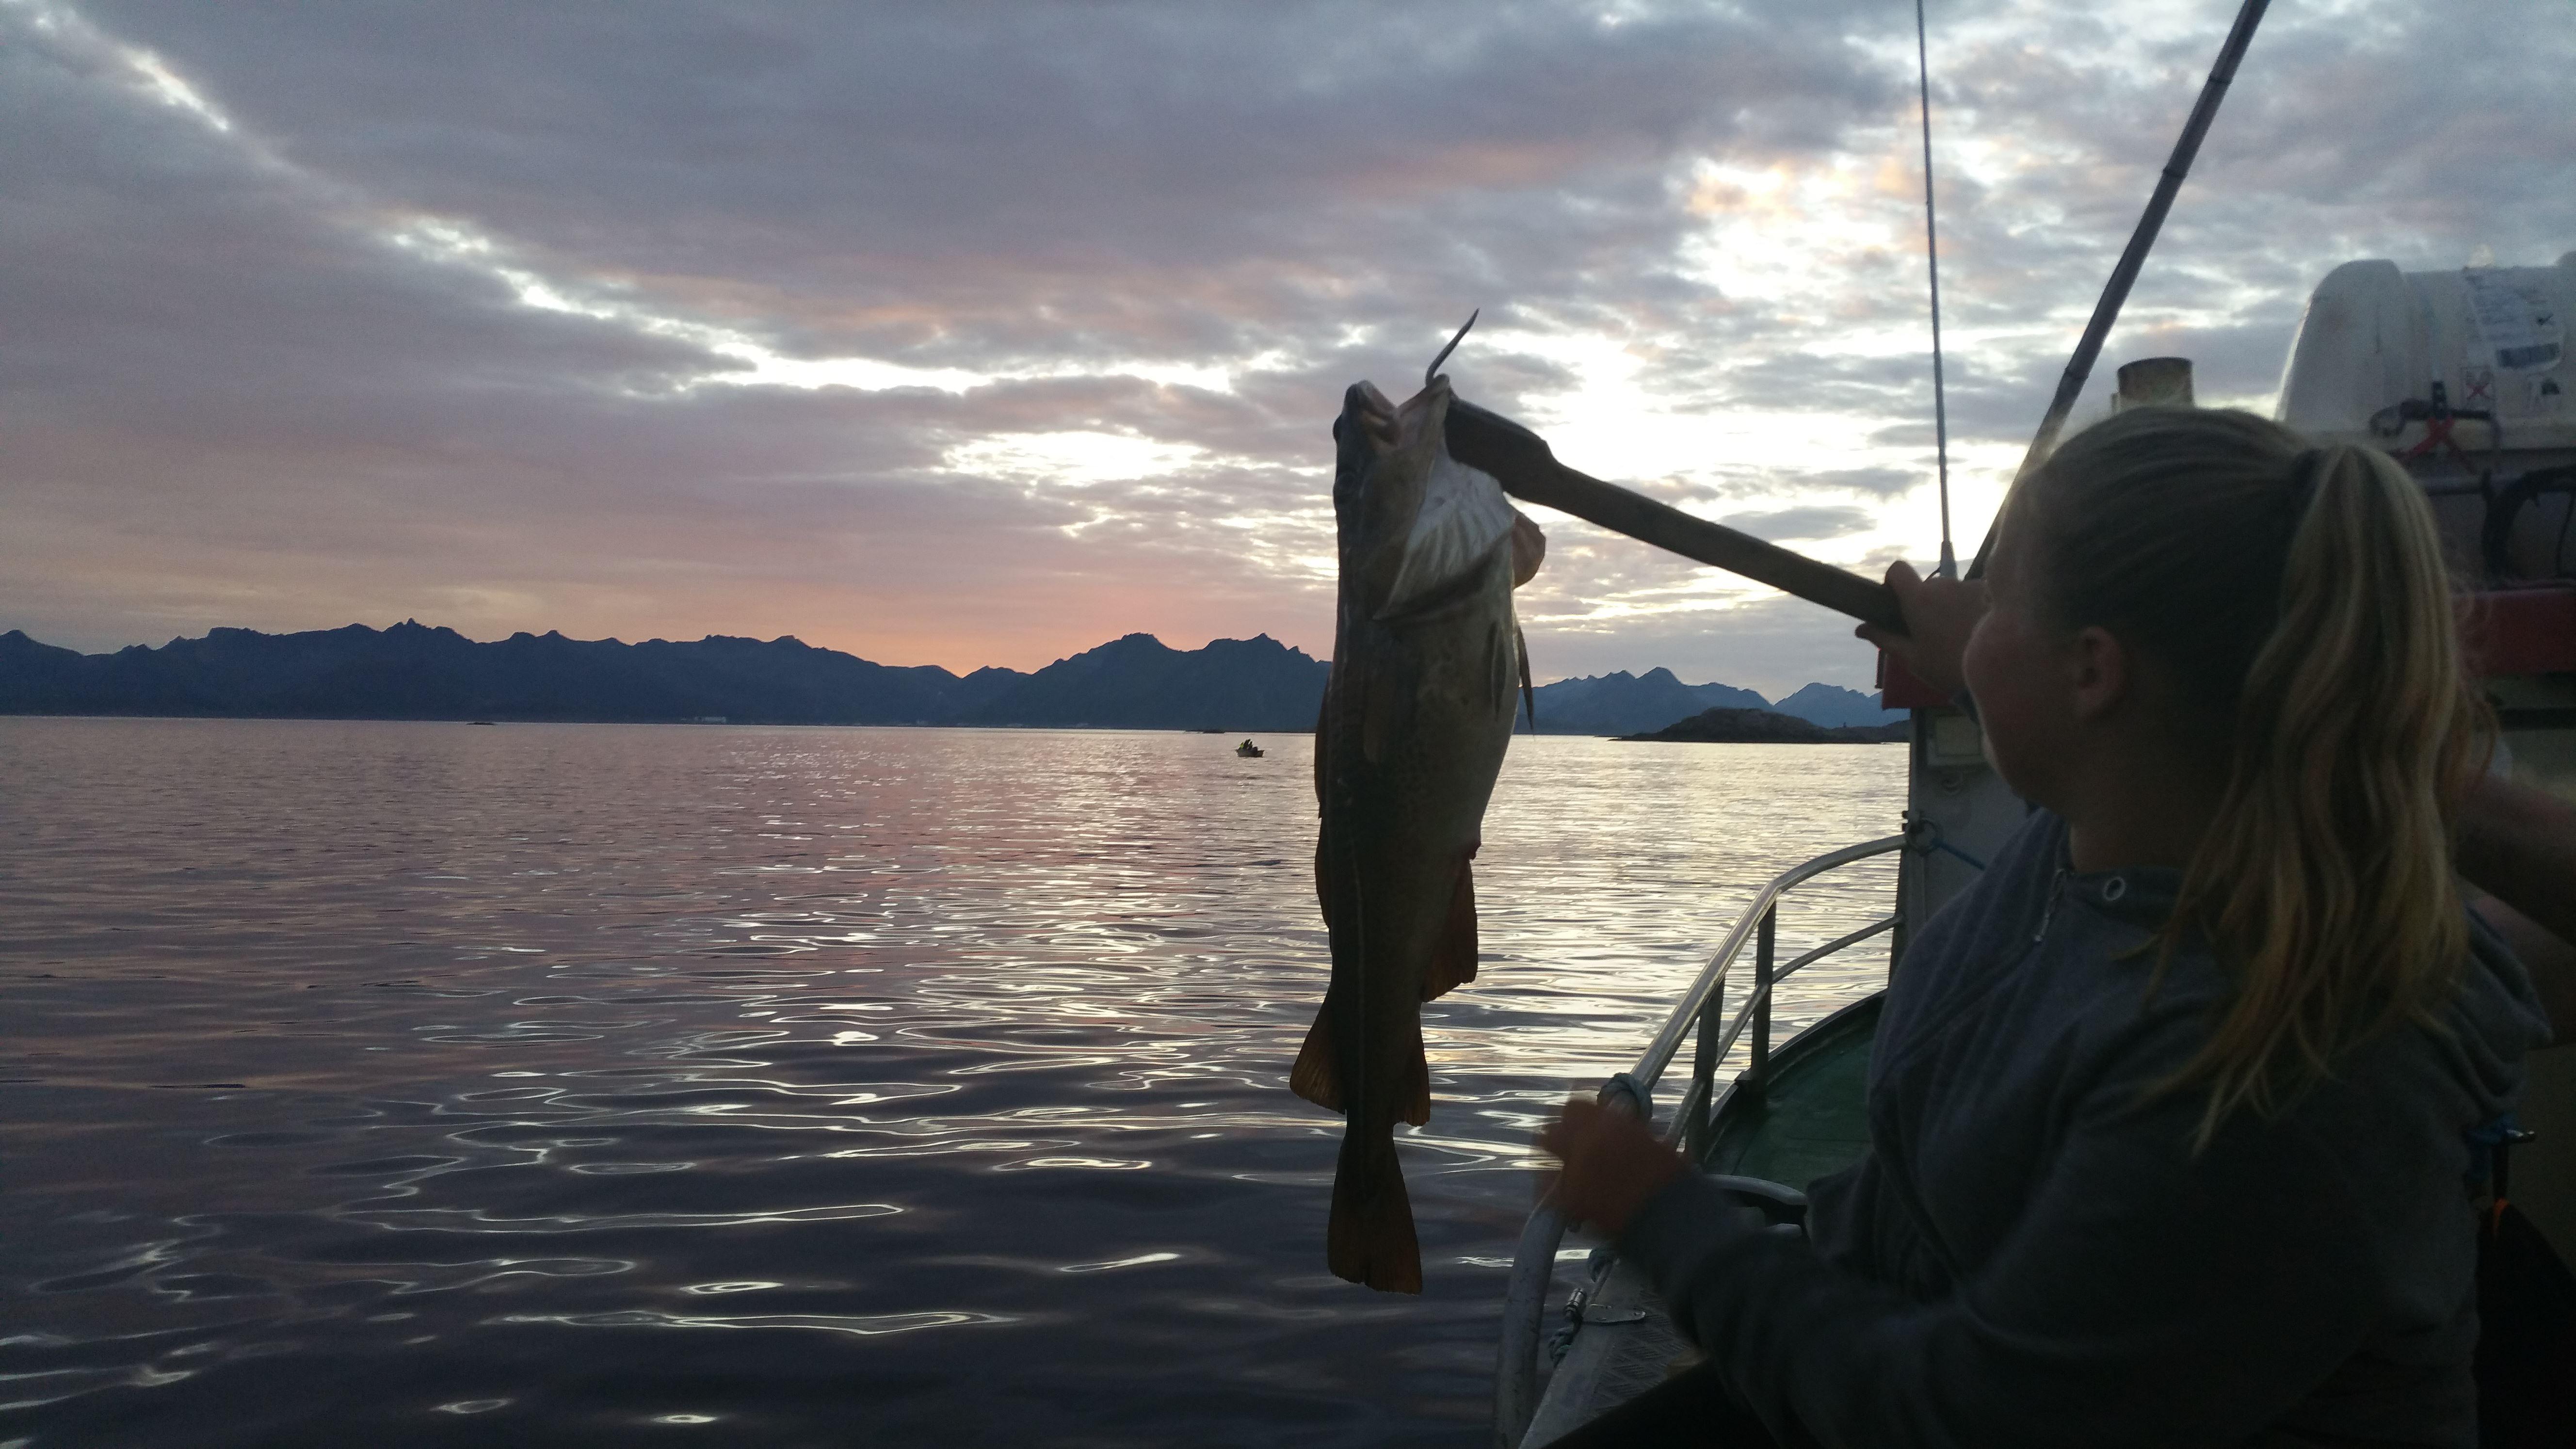 © Go2Lofoten, Fisketur i Midnattsol fra Henningsvær - Go2Lofoten